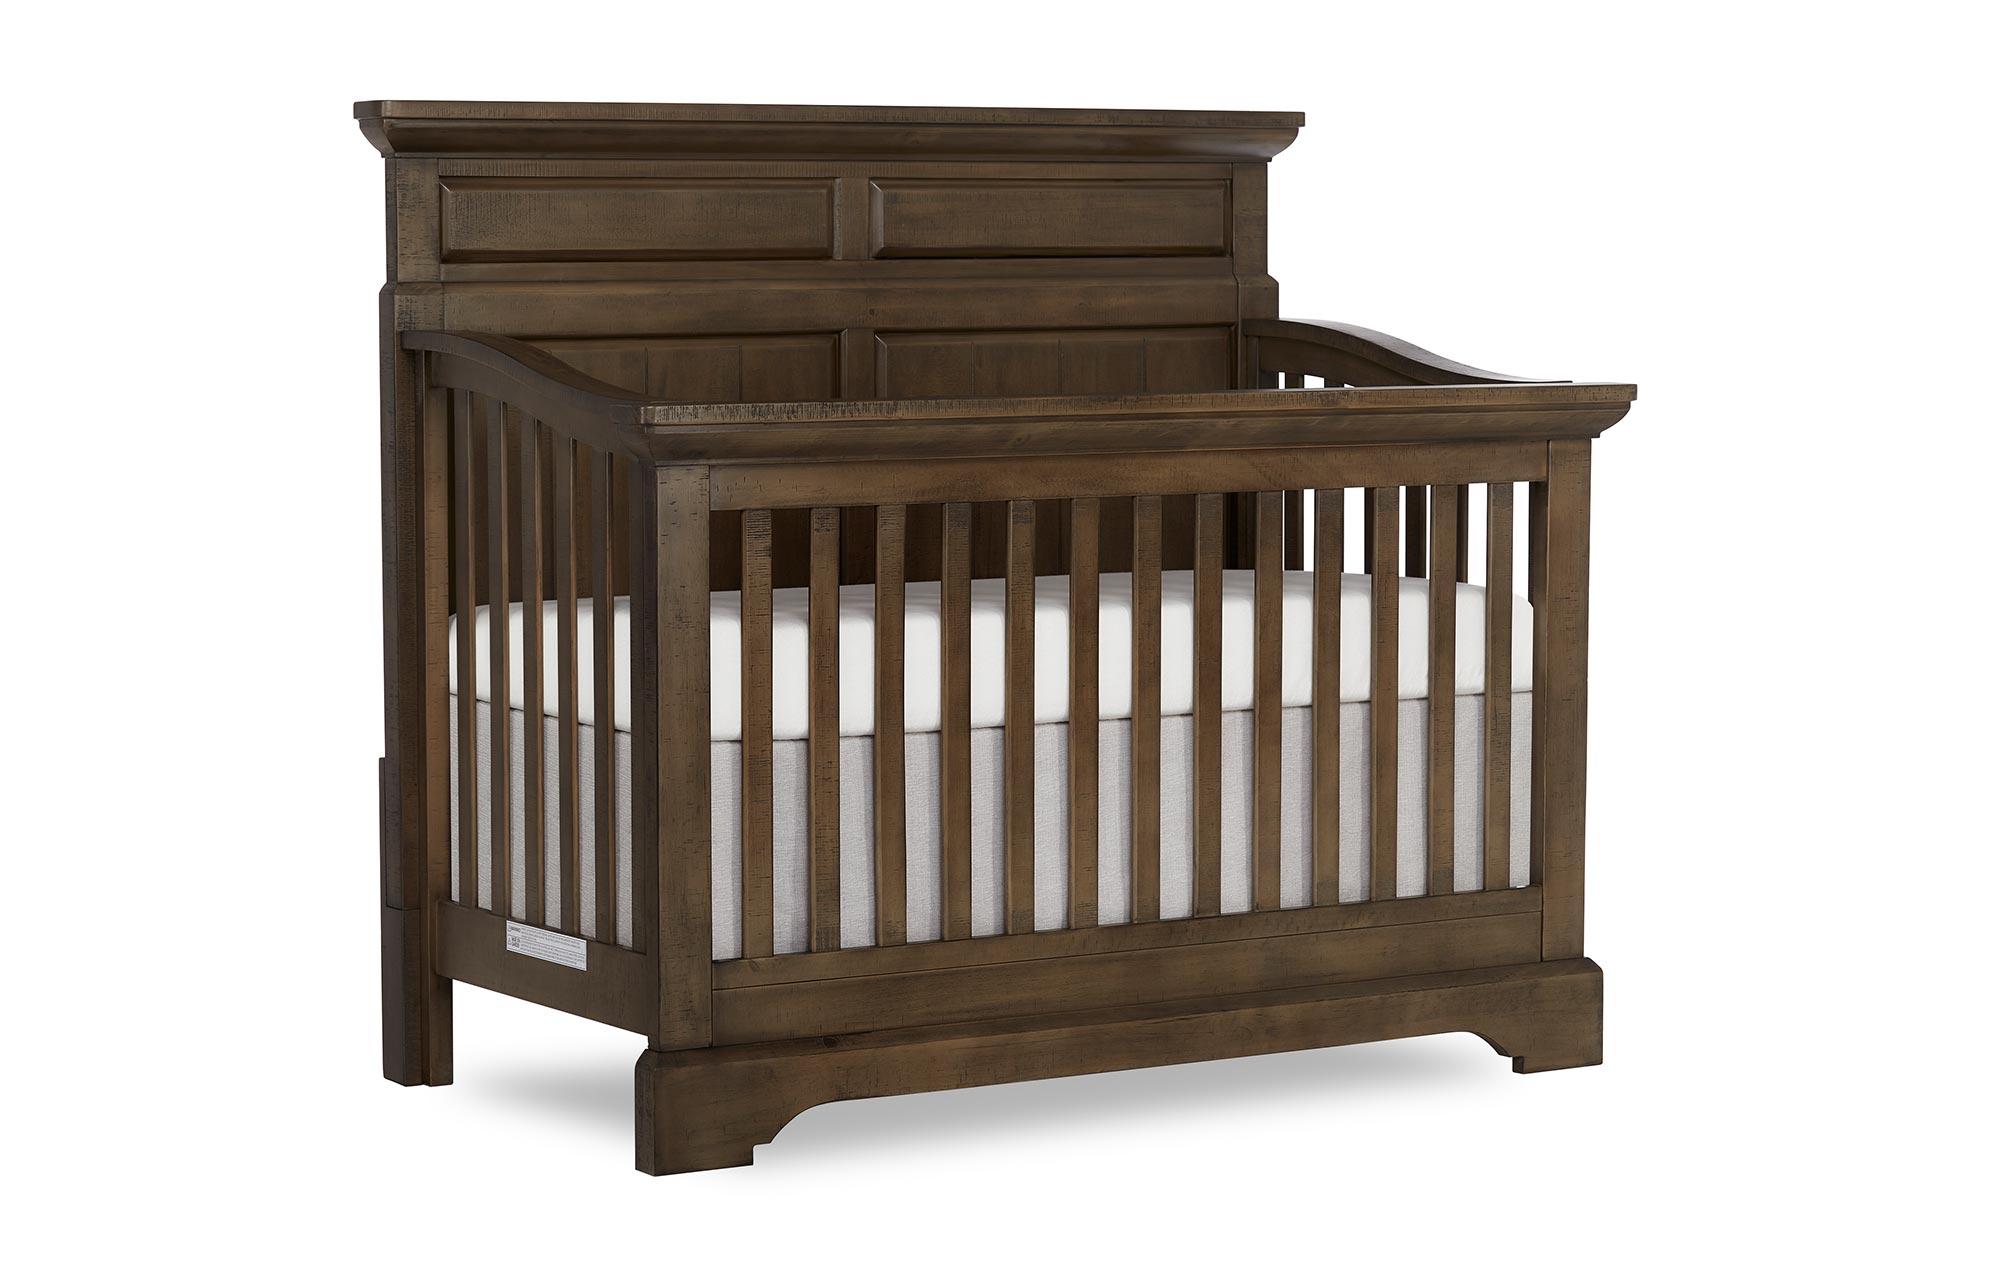 Evolur Empire 5-in-1 Convertible Crib